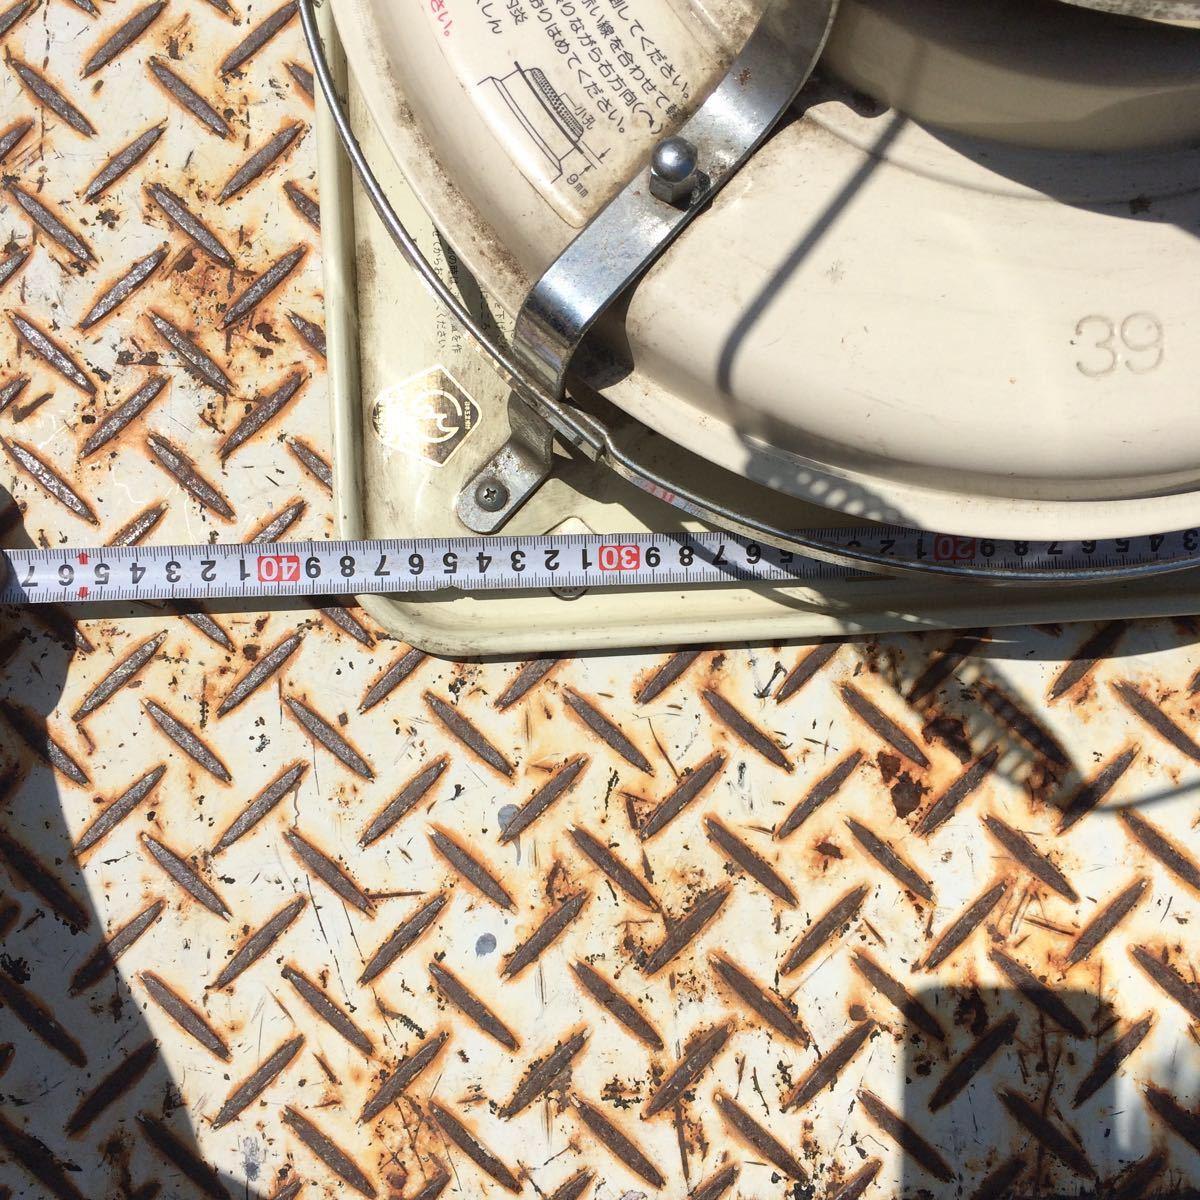 Aladdin アラジン 石油ストーブ J390001 上下式対流型 昭和レトロ アンティーク4.1L【ジャンク品】_画像8